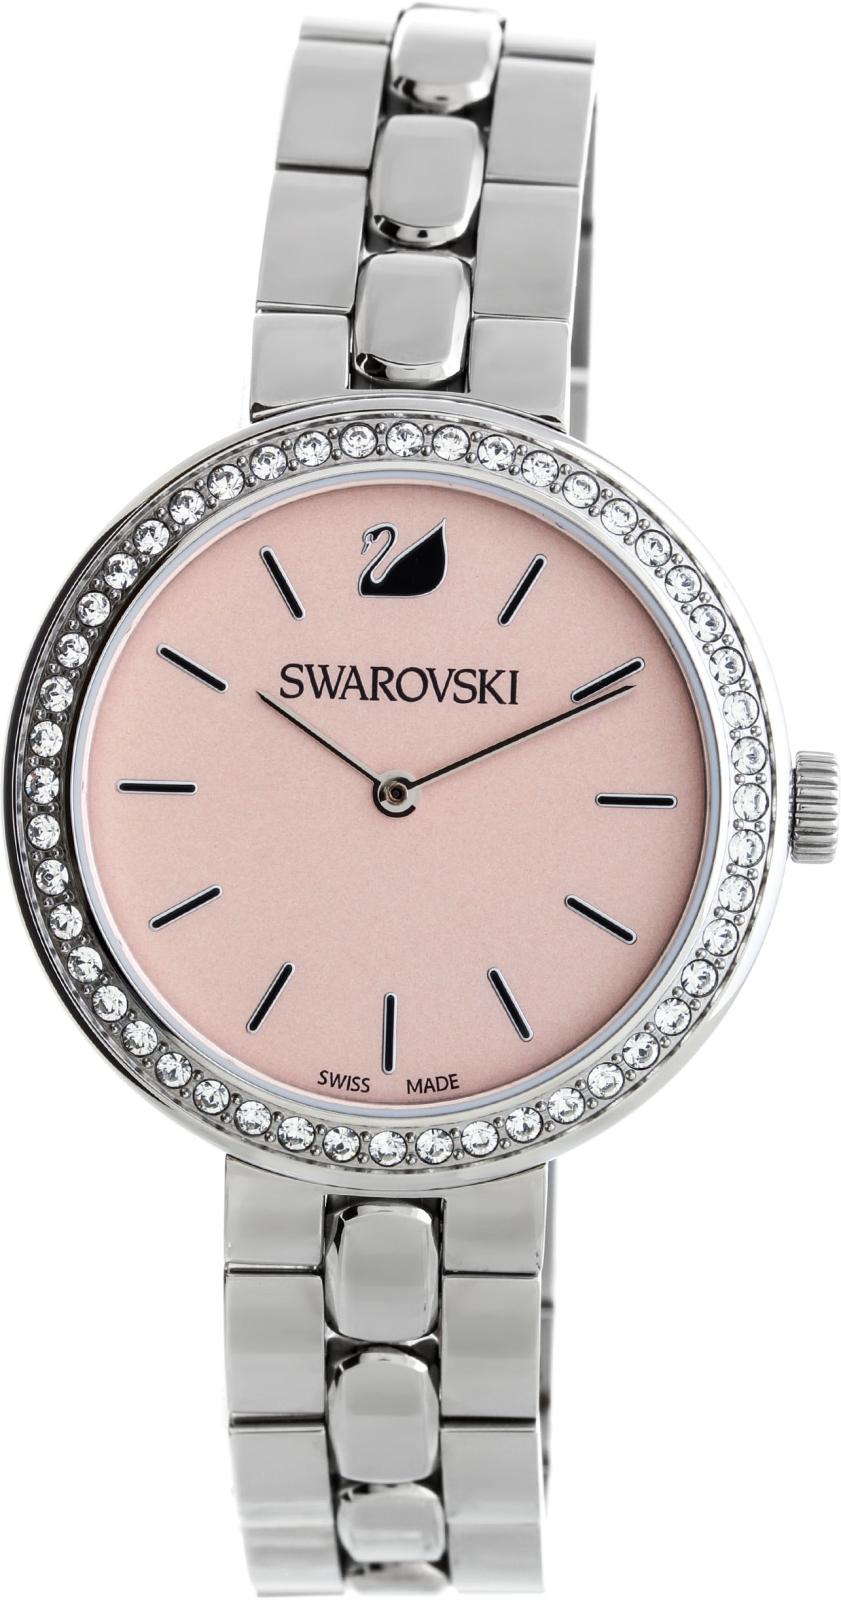 Swarovski Daytime Metal 5130566Наручные часы<br>Швейцарские часы Swarovski Daytime Metal 5130566<br><br>Пол: Женские<br>Страна-производитель: Швейцария<br>Механизм: Кварцевый<br>Материал корпуса: Сталь<br>Материал ремня/браслета: Сталь<br>Водозащита, диапазон: 20 - 100 м<br>Стекло: Минеральное<br>Толщина корпуса: 8мм<br>Стиль: Мода